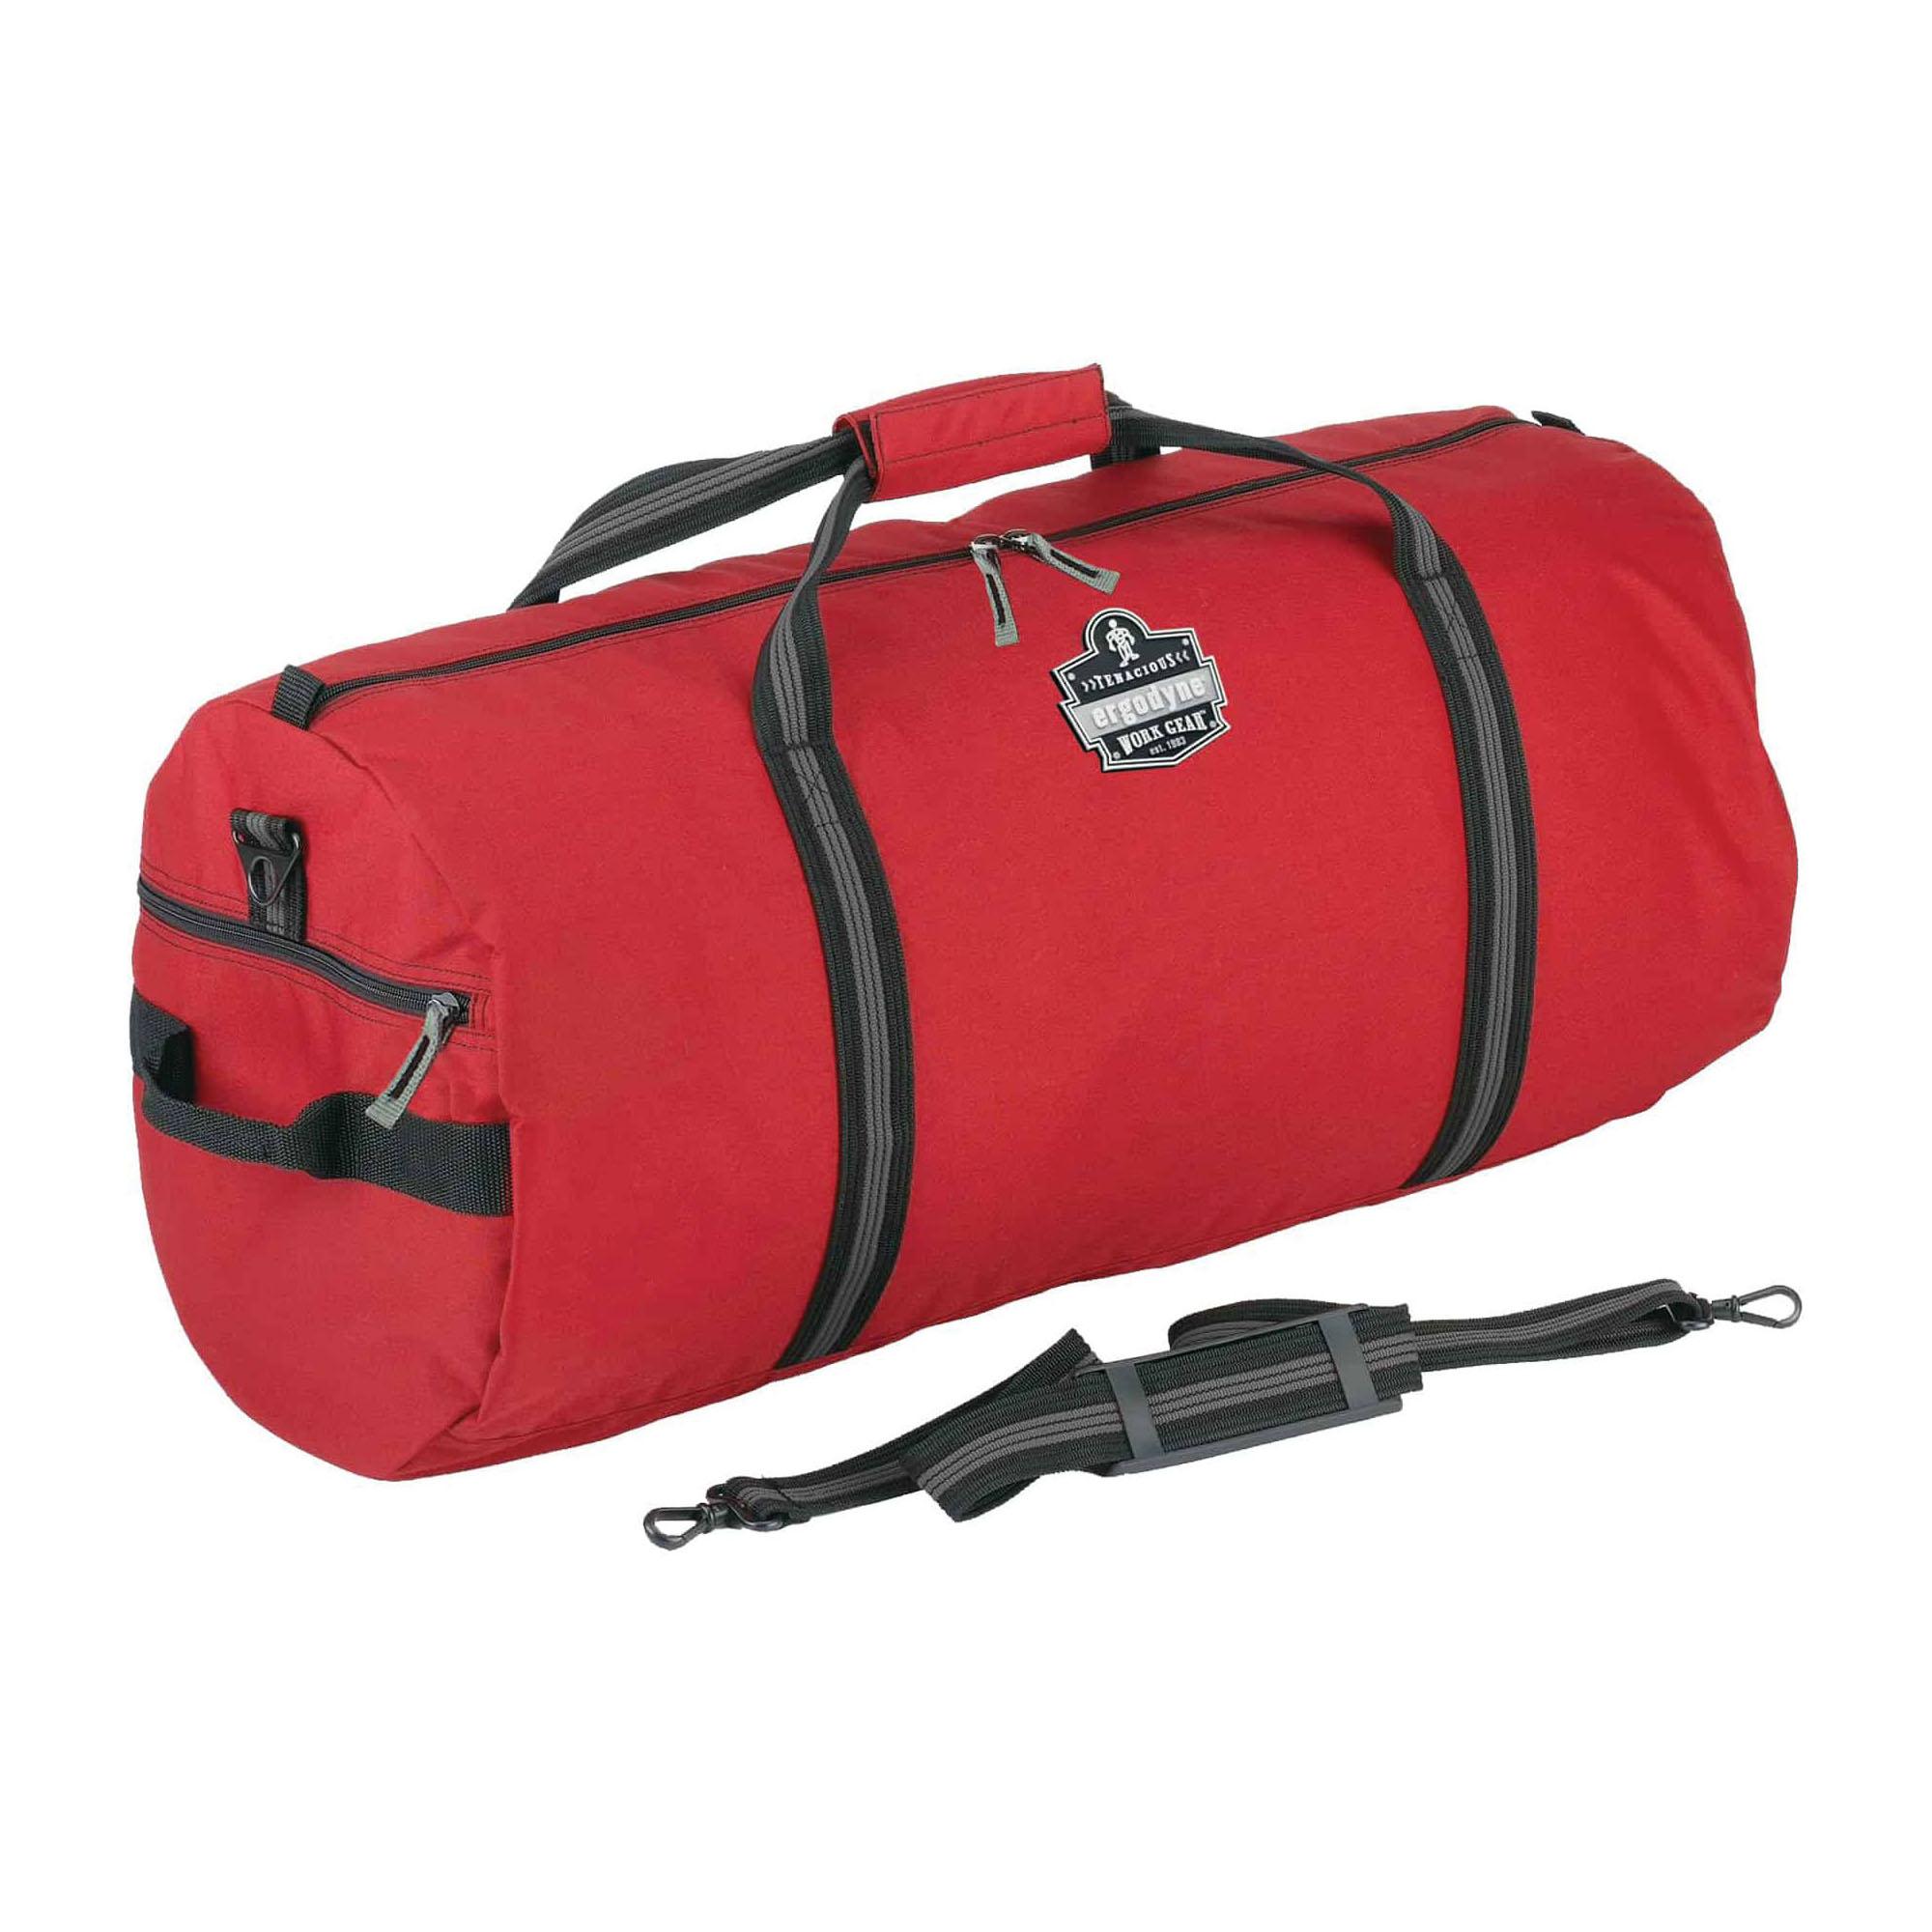 Arsenal® 13021 5020 Medium Standard Gear Duffel Bag, Red, 600D Nylon, 3800 cu-in Storage, 13 in H x 13 in W x 28-1/2 in D